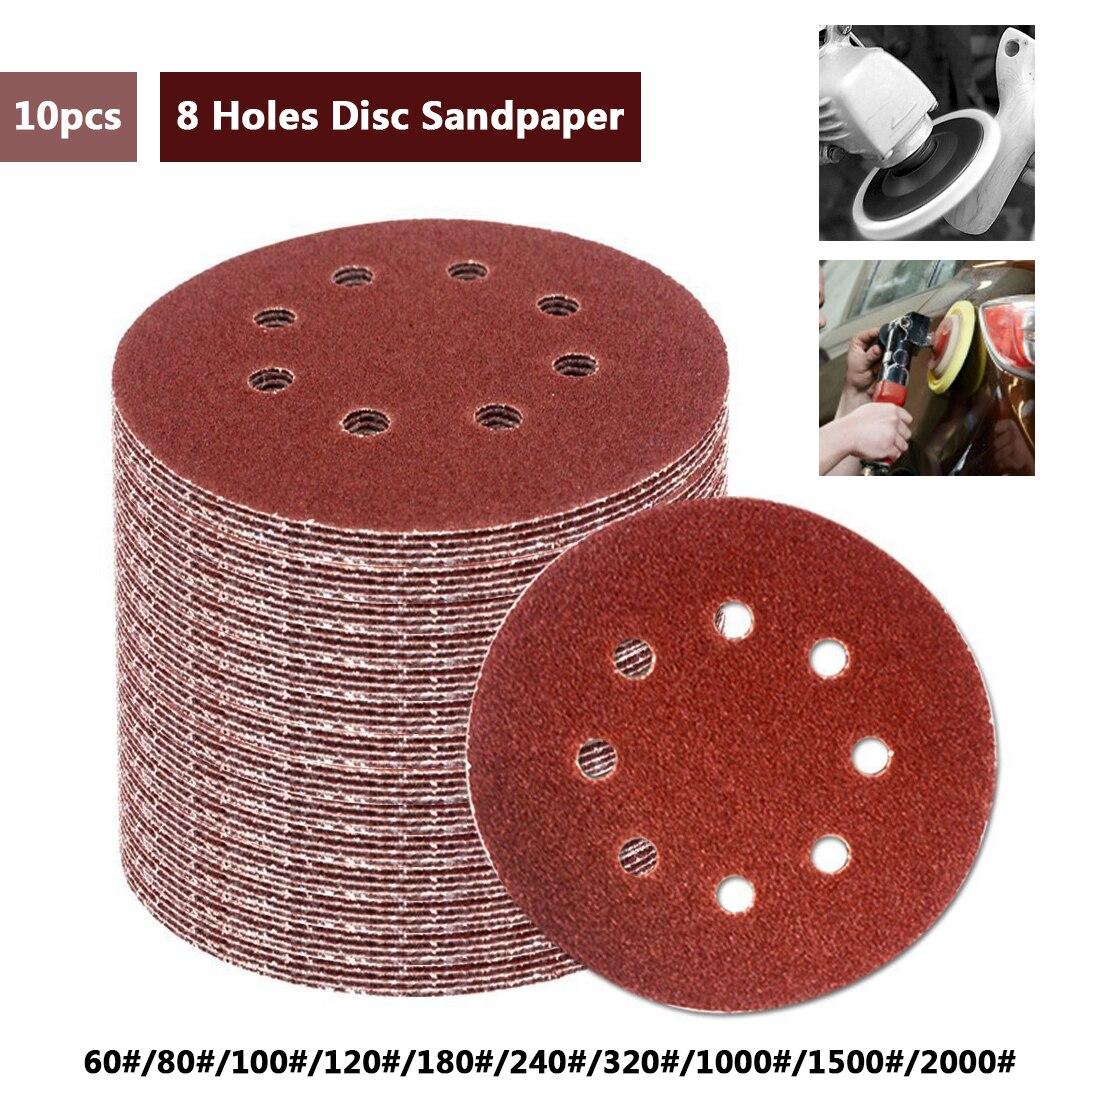 10 piezas 5 pulgadas 125mm papel de lija redondo ocho agujeros disco de arena 60-2000 gancho y lazo pulido disco